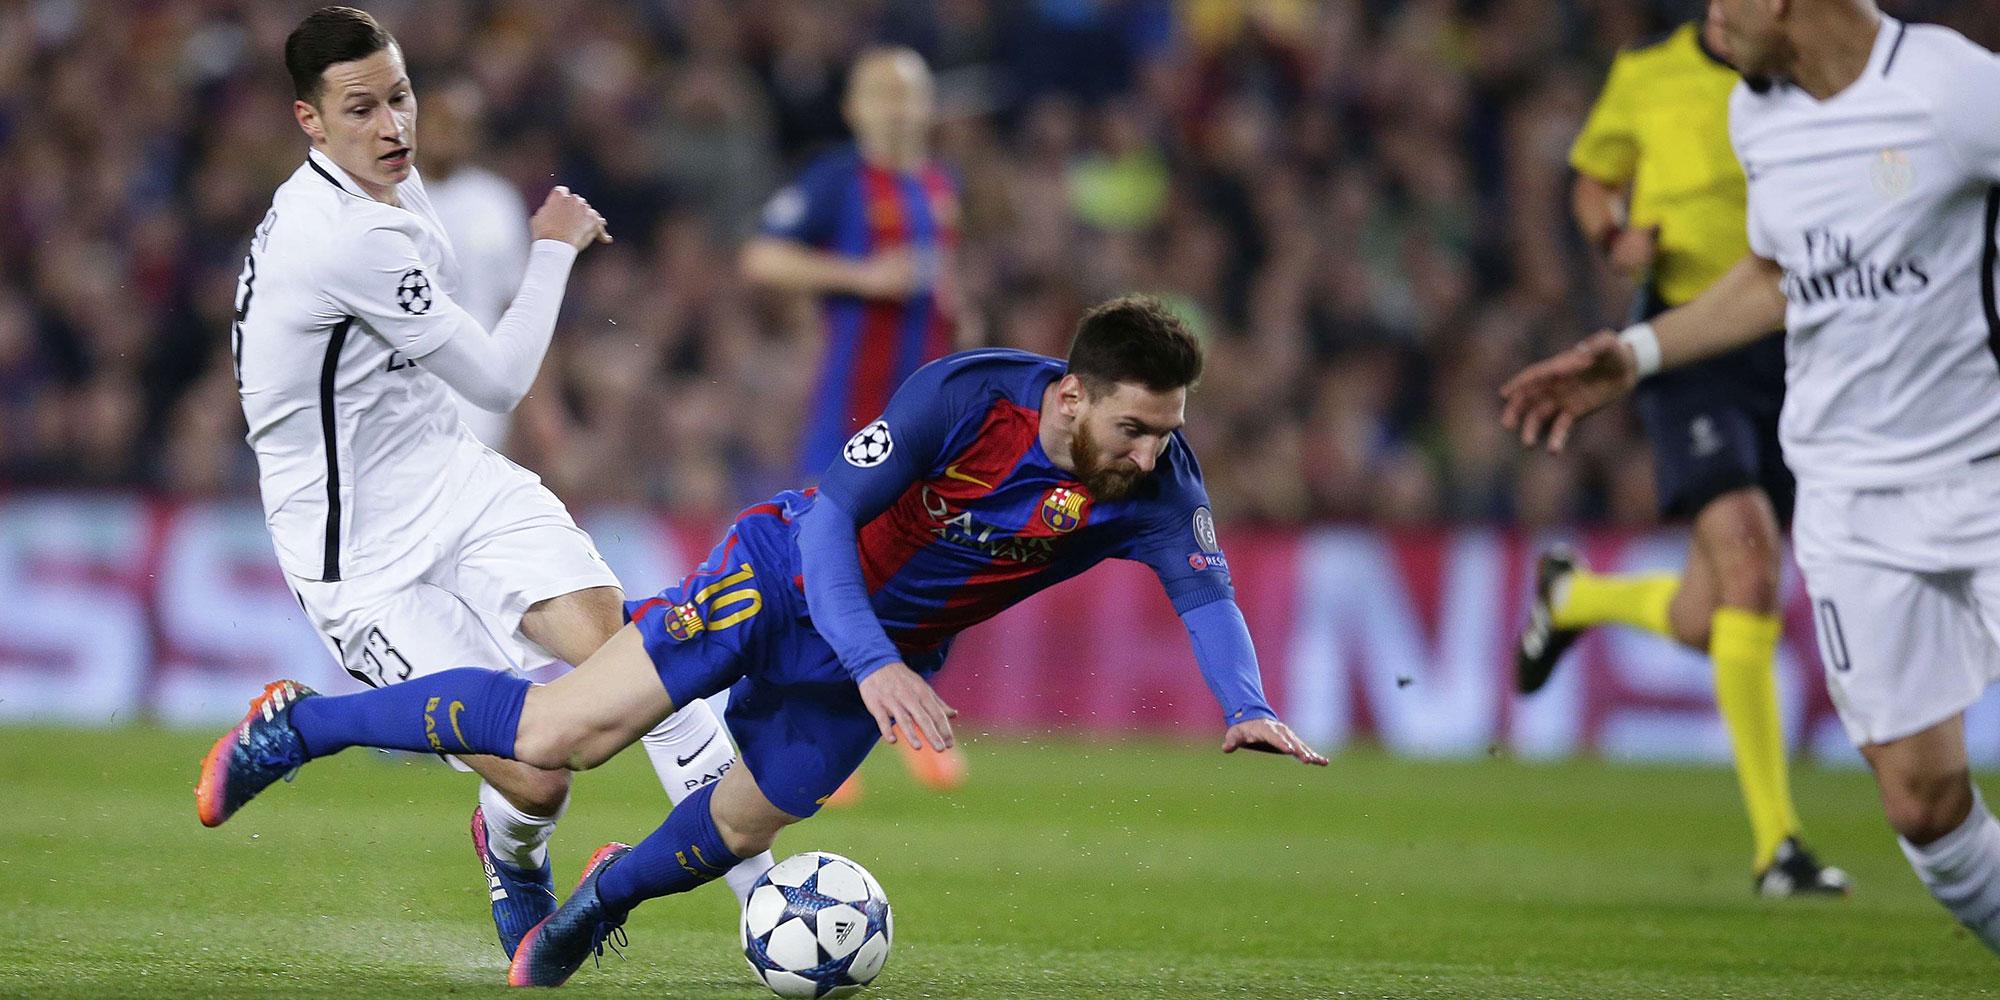 Barça - PSG: À quoi s'attendre du côté du Barça?